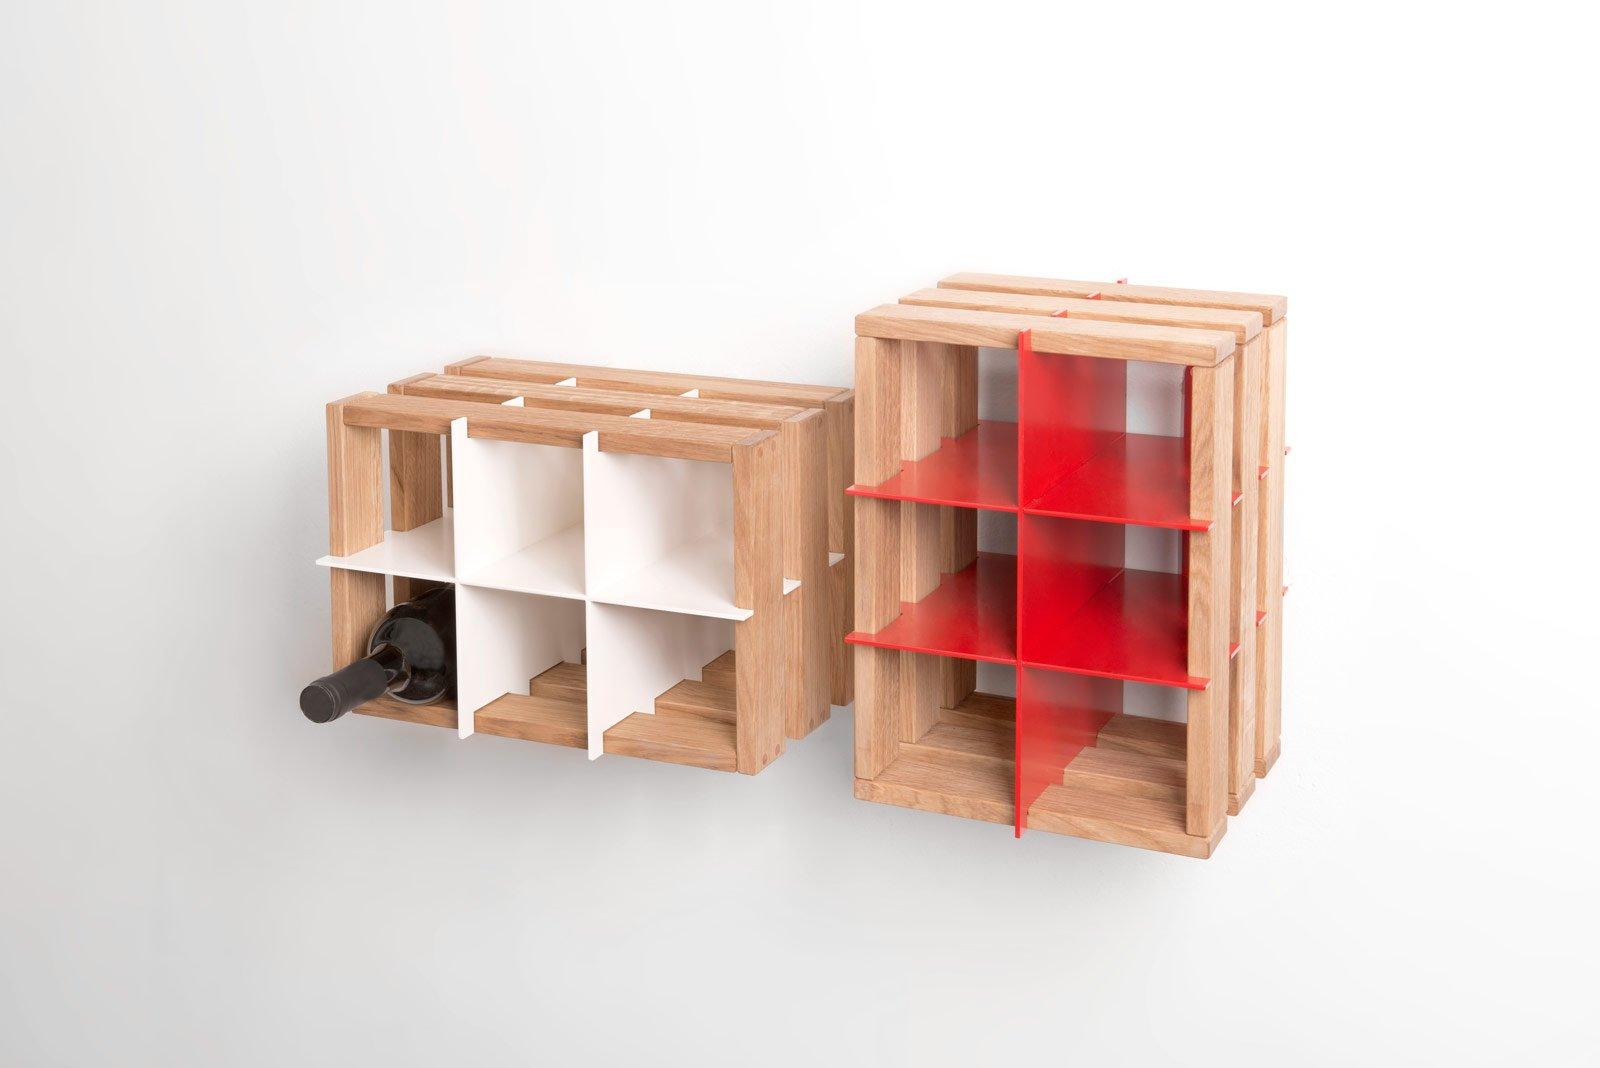 Portabottiglie belli da lasciare a vista cose di casa - Portabottiglie in legno fai da te ...